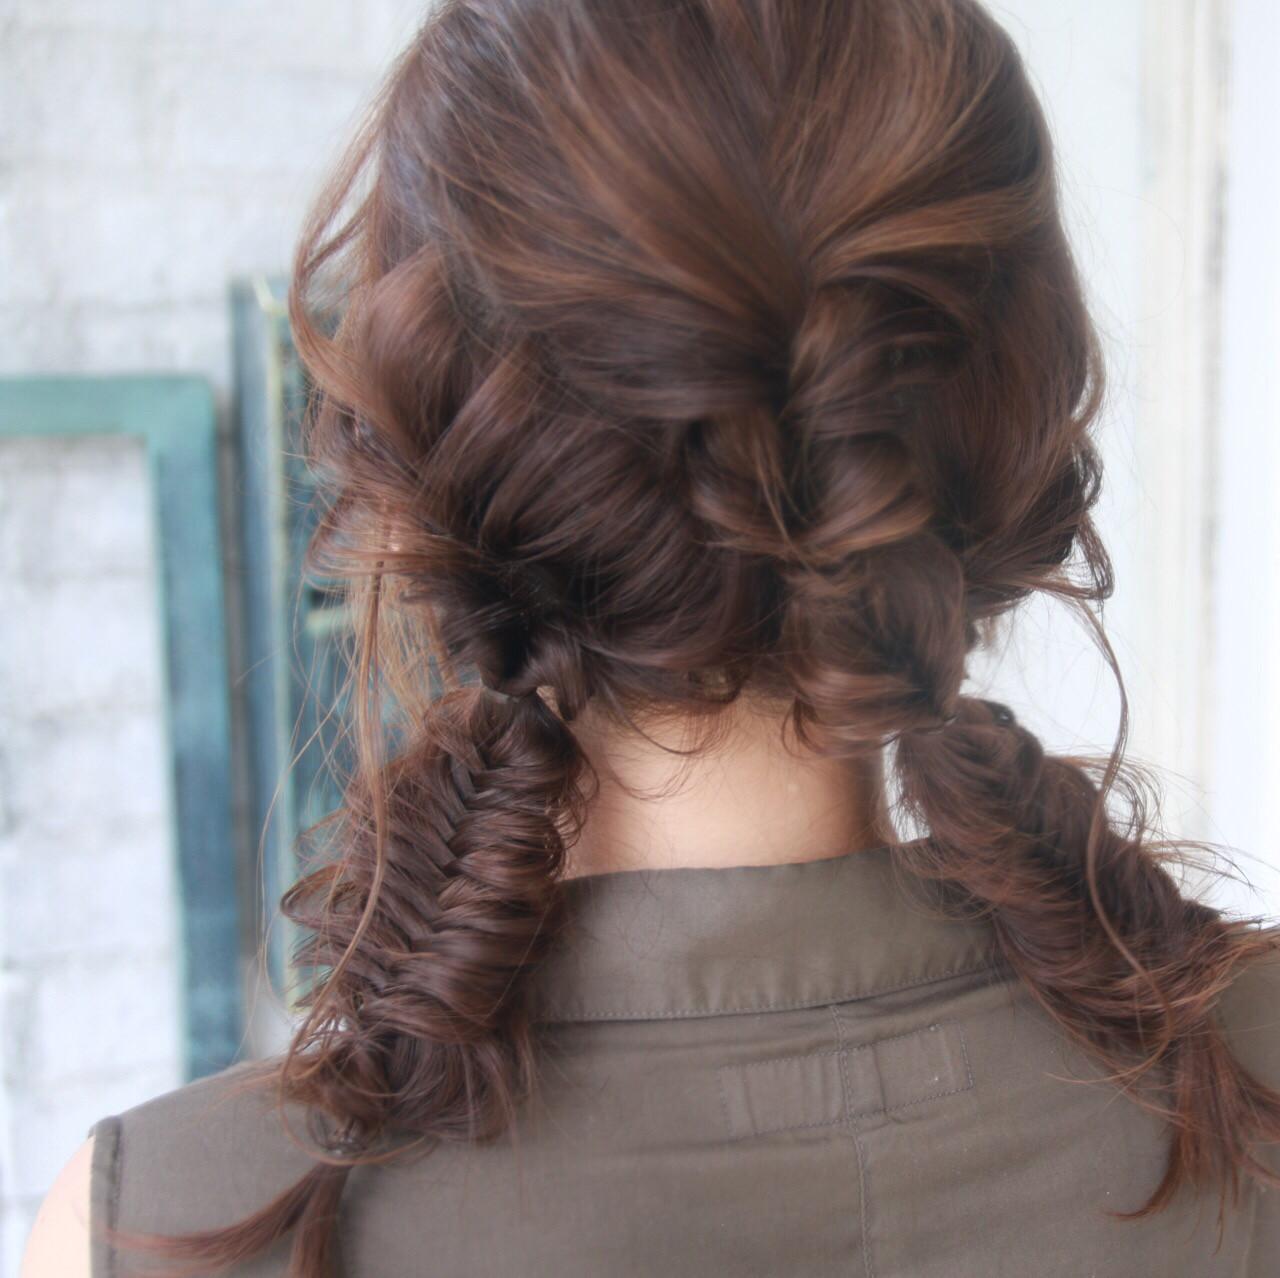 ヘアアレンジ ストリート 編み込み セミロング ヘアスタイルや髪型の写真・画像